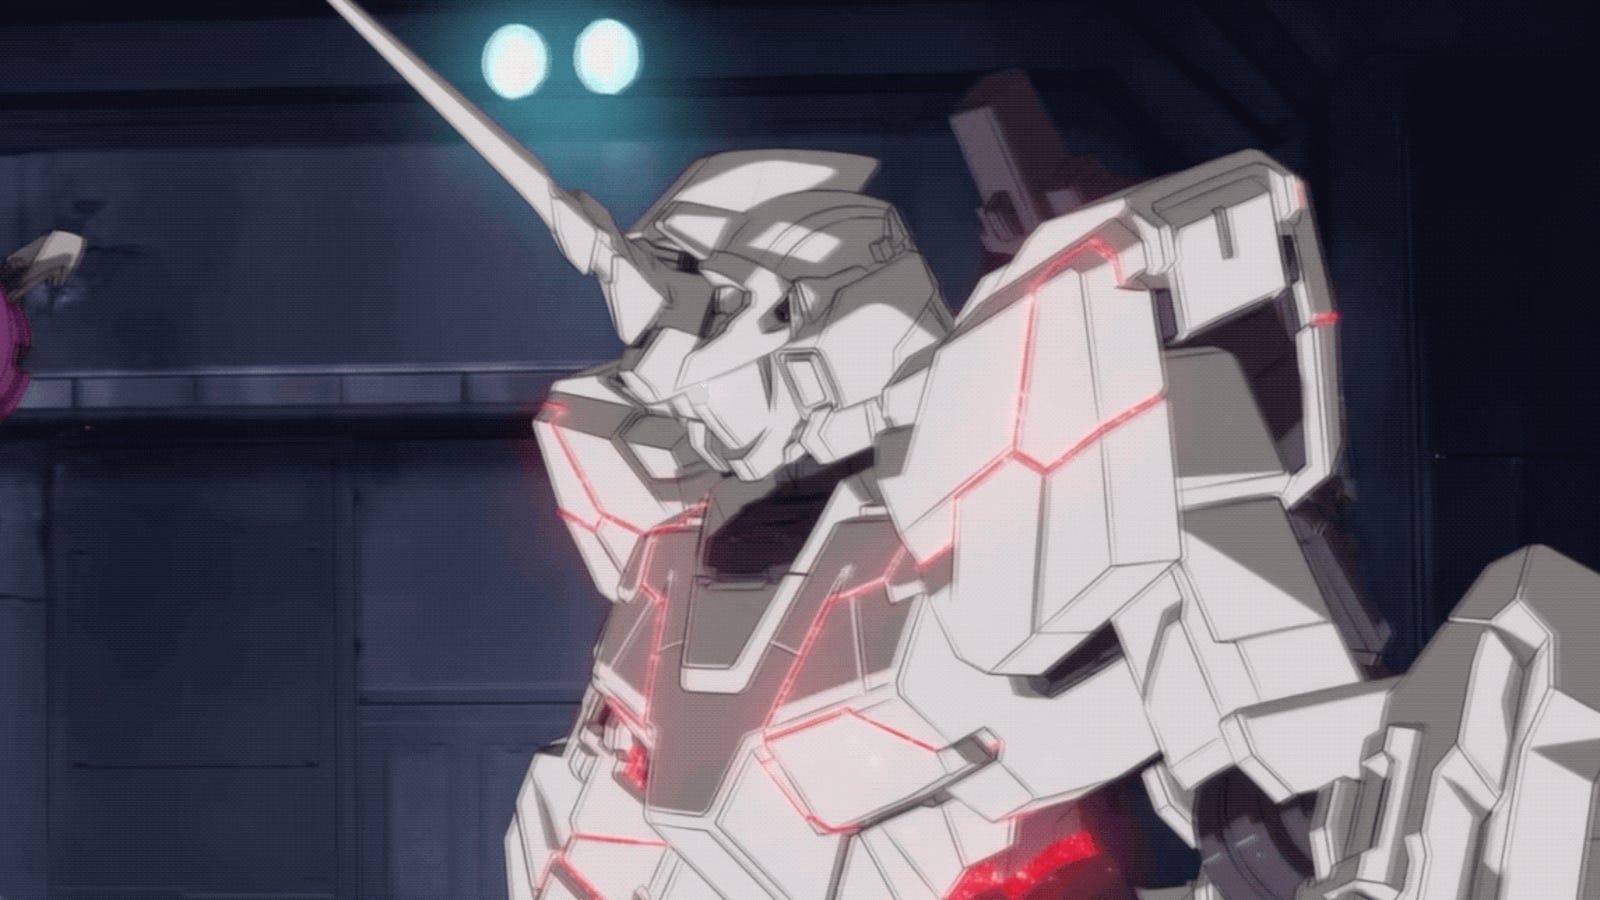 Todo lo que necesitas saber para iniciarte en la mítica saga Gundam